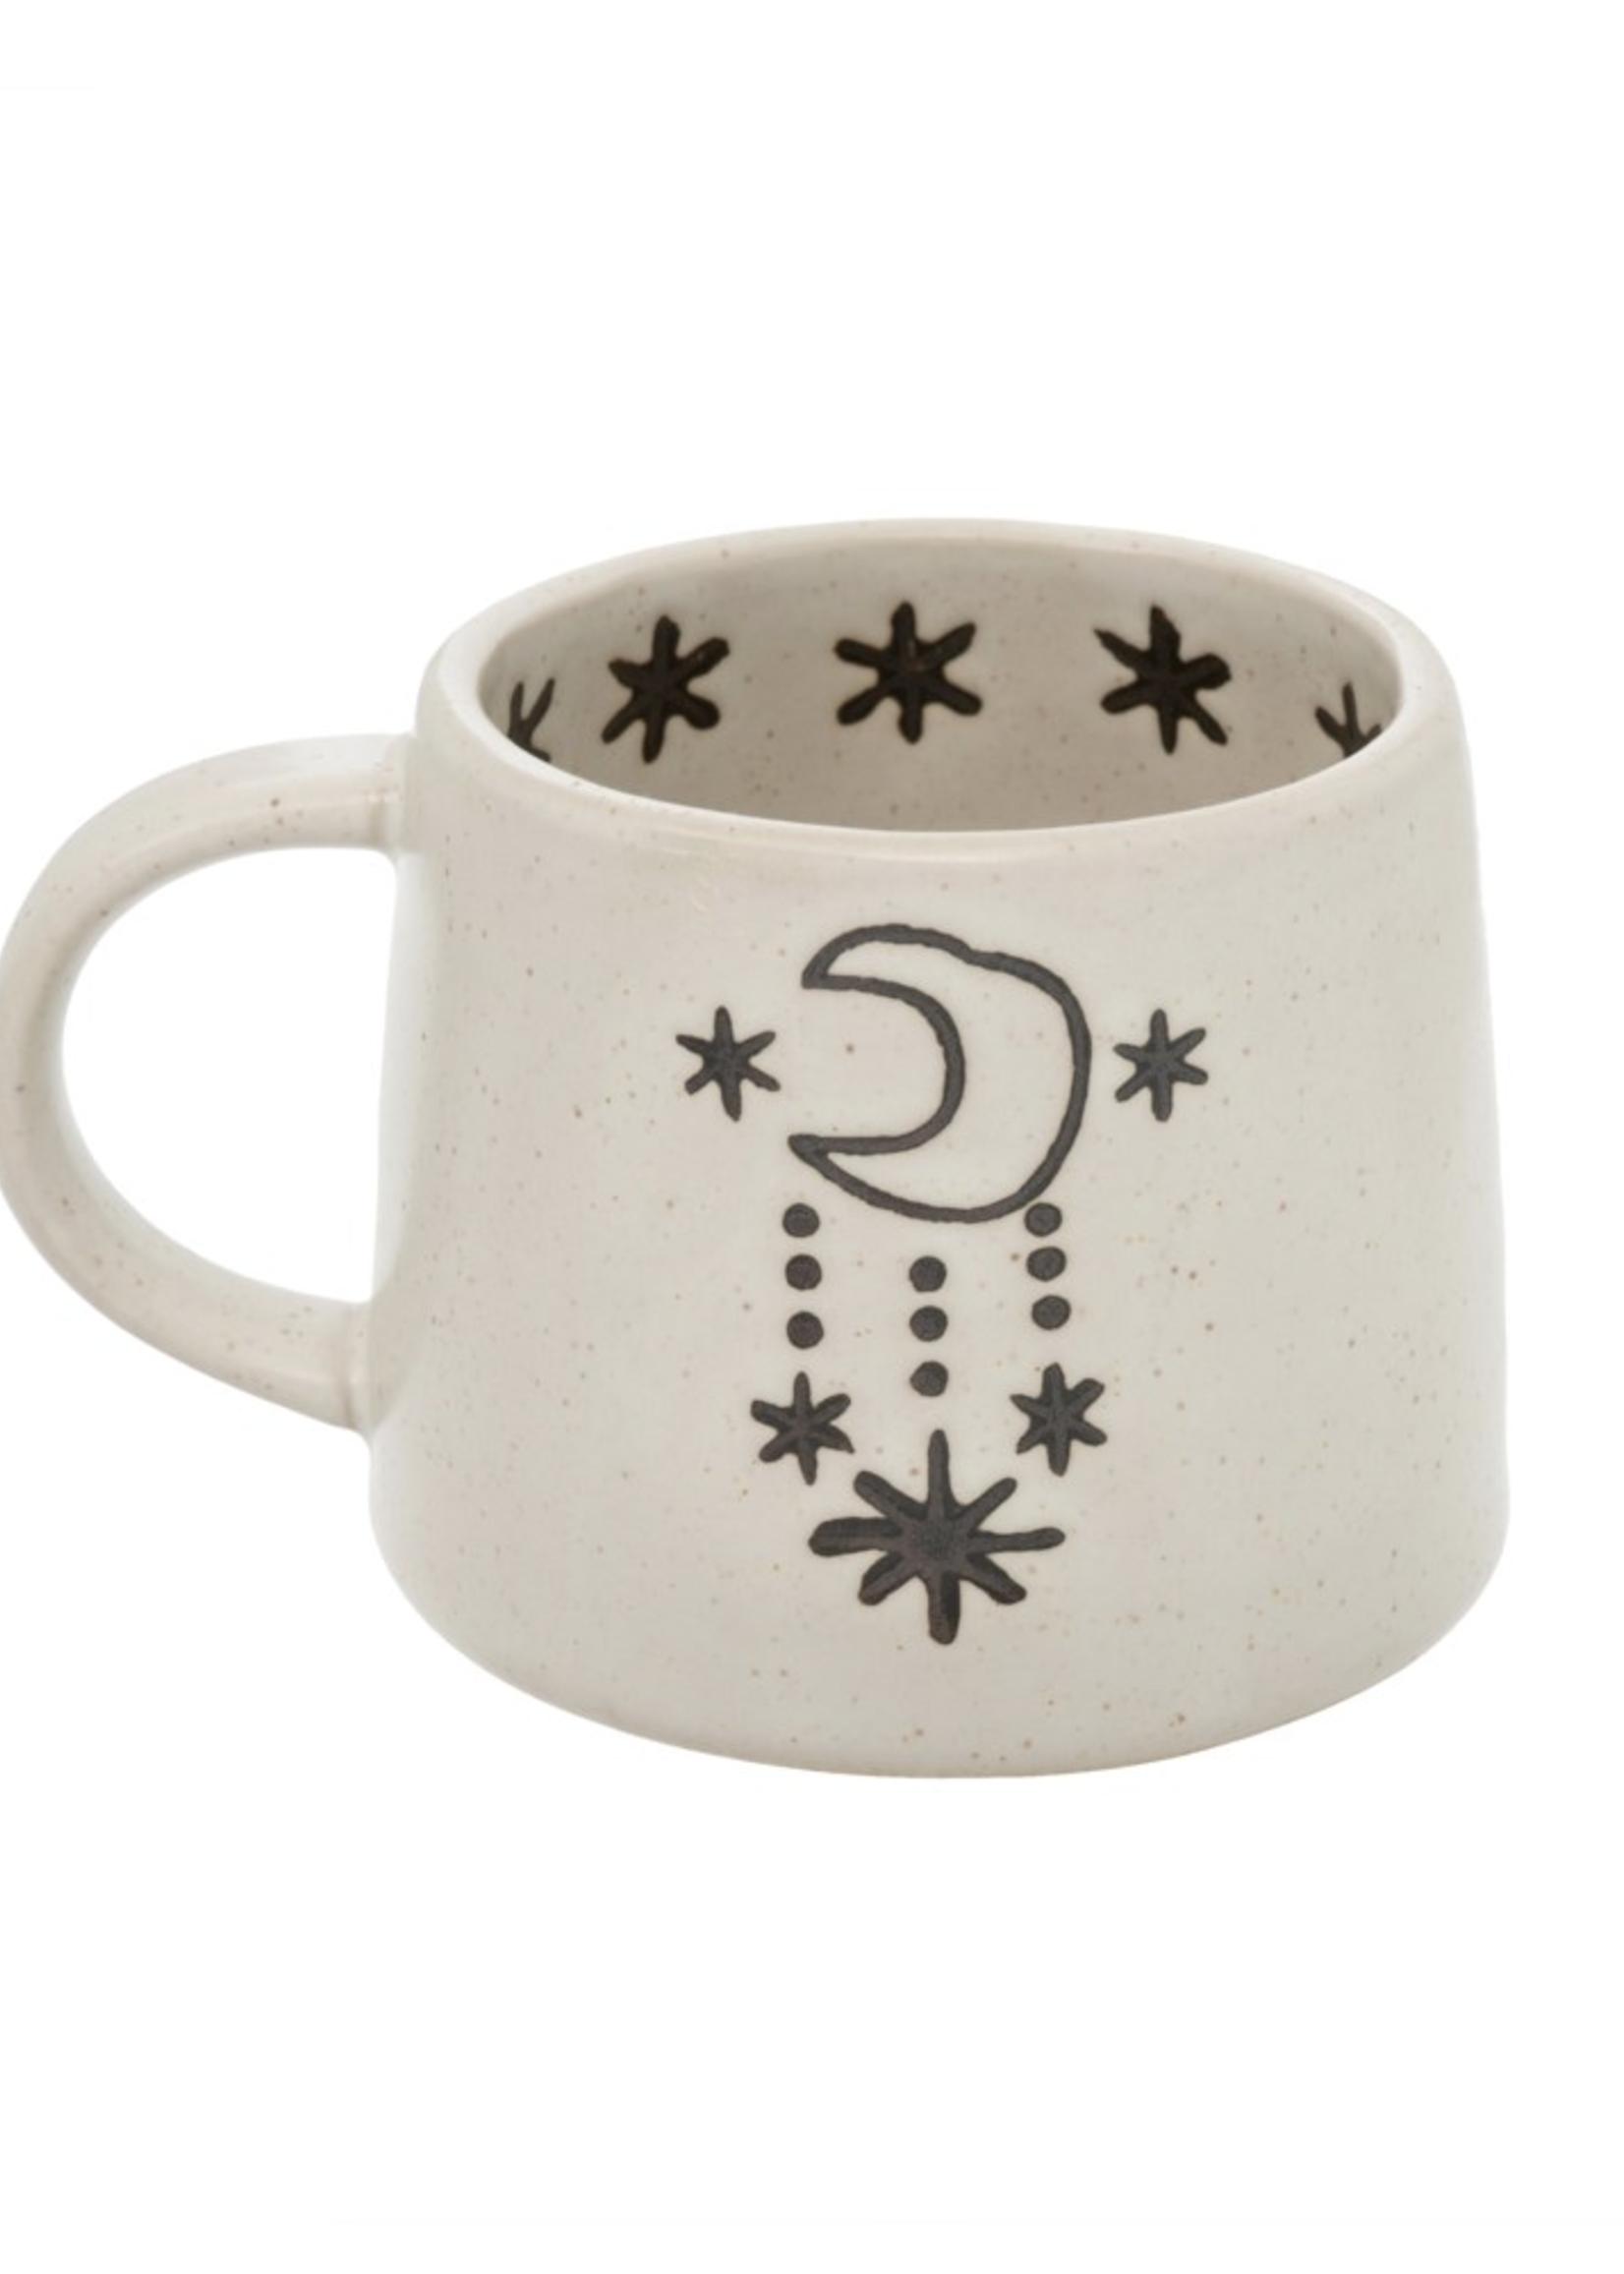 Indaba Trading Co Stellar Mug